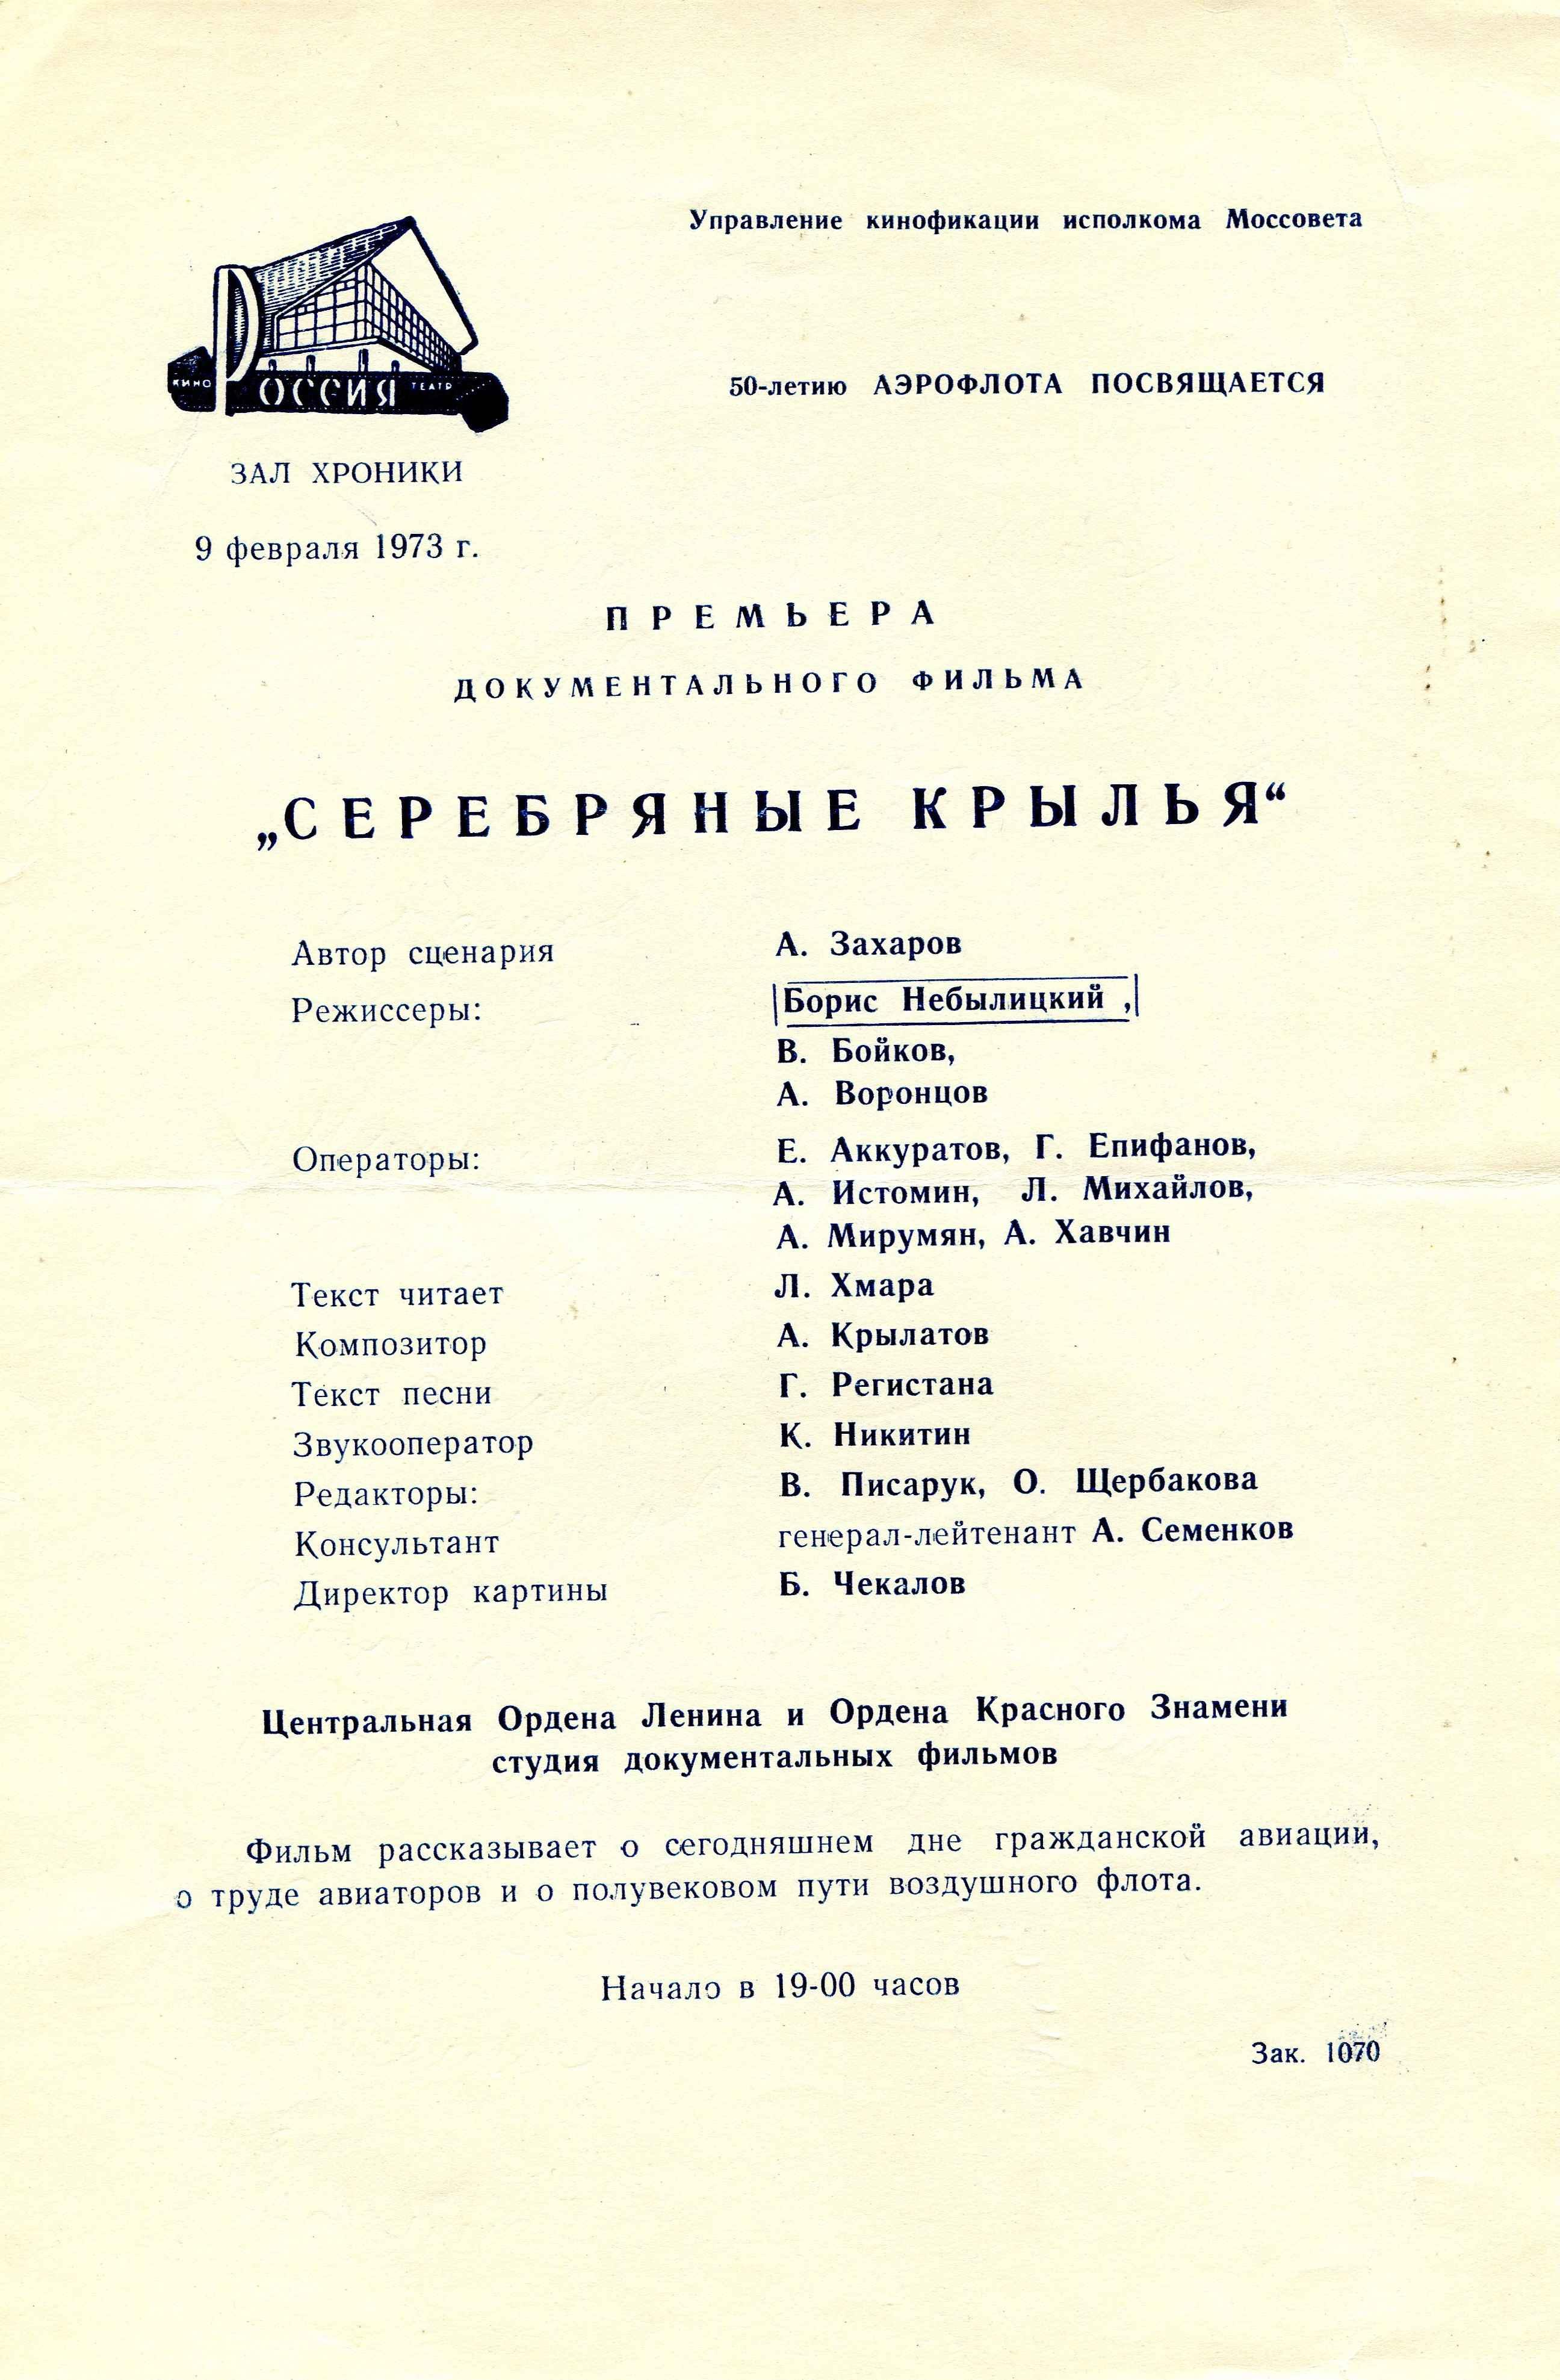 Экспонат #83. Премьере фильма«Серебряные крылья» в к/т «Россия». 9 февраля 1973 года